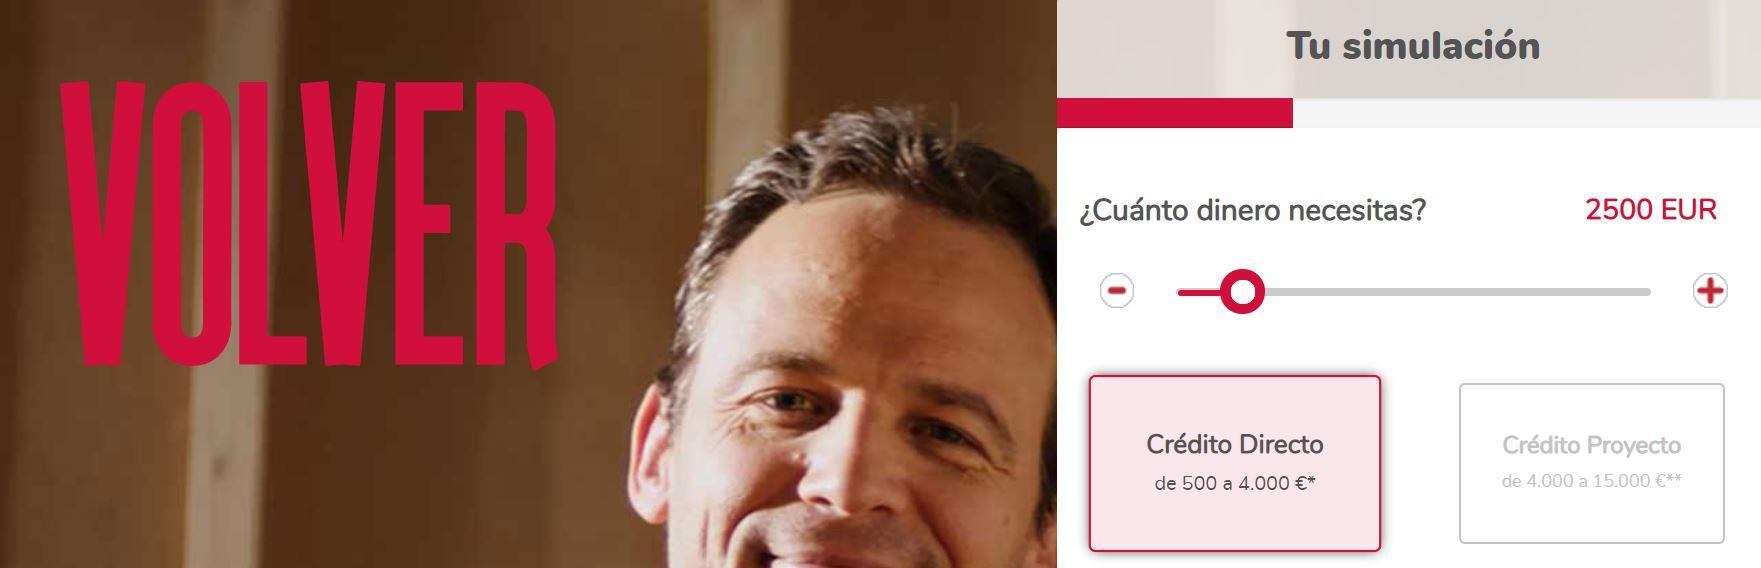 Cofidis es una entidad de crédito con todas las garantías.